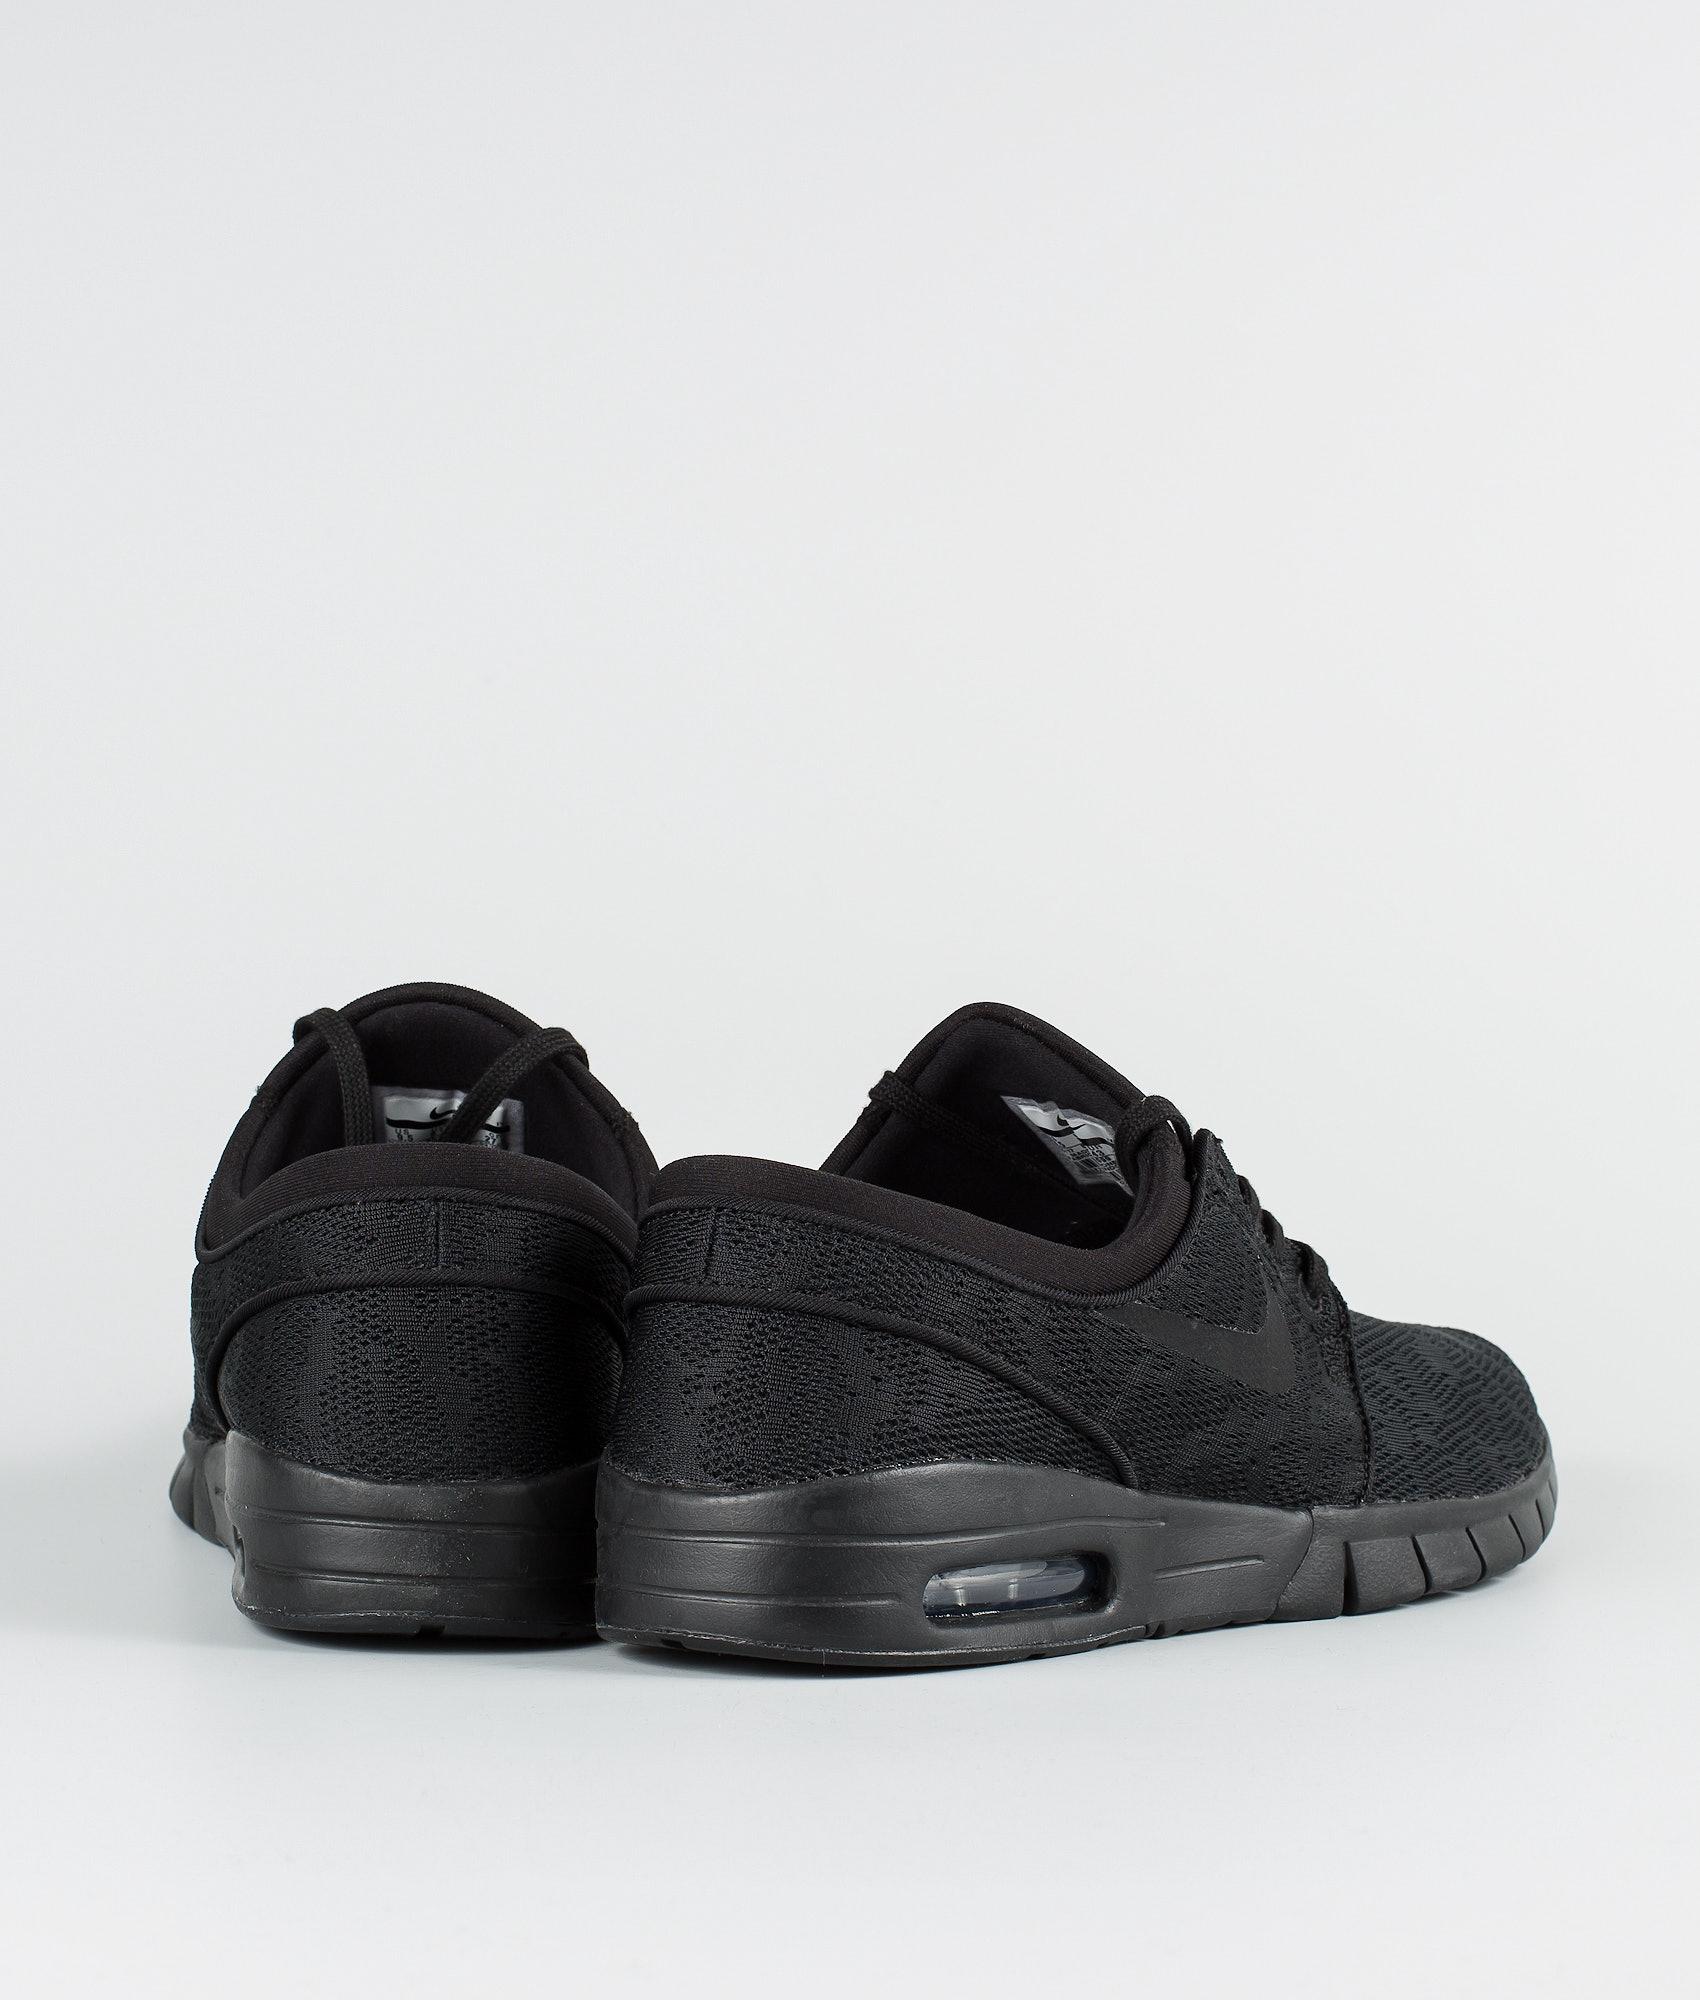 low priced 82e59 f4165 Nike Stefan Janoski Max Shoes